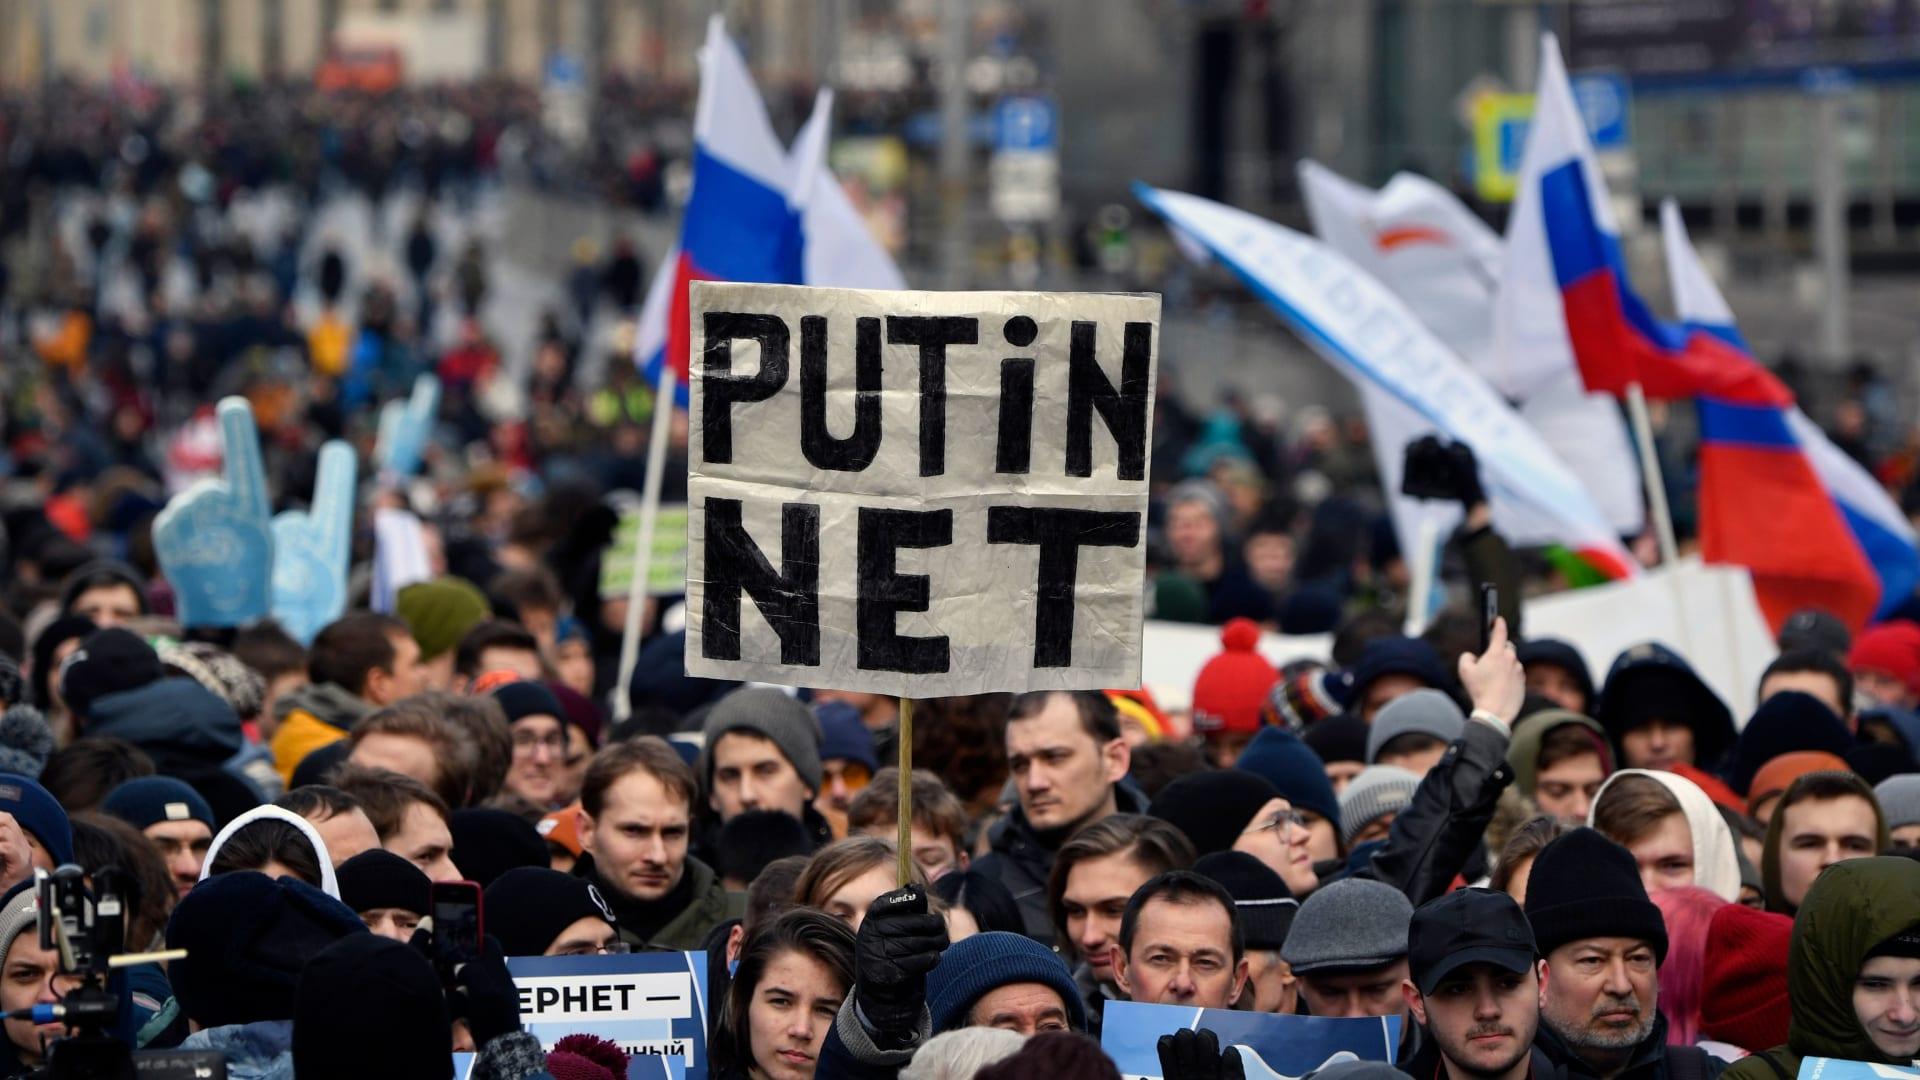 تصاعد الضغط على بوتين للإفراج عن نافالني مع استمرار المظاهرات